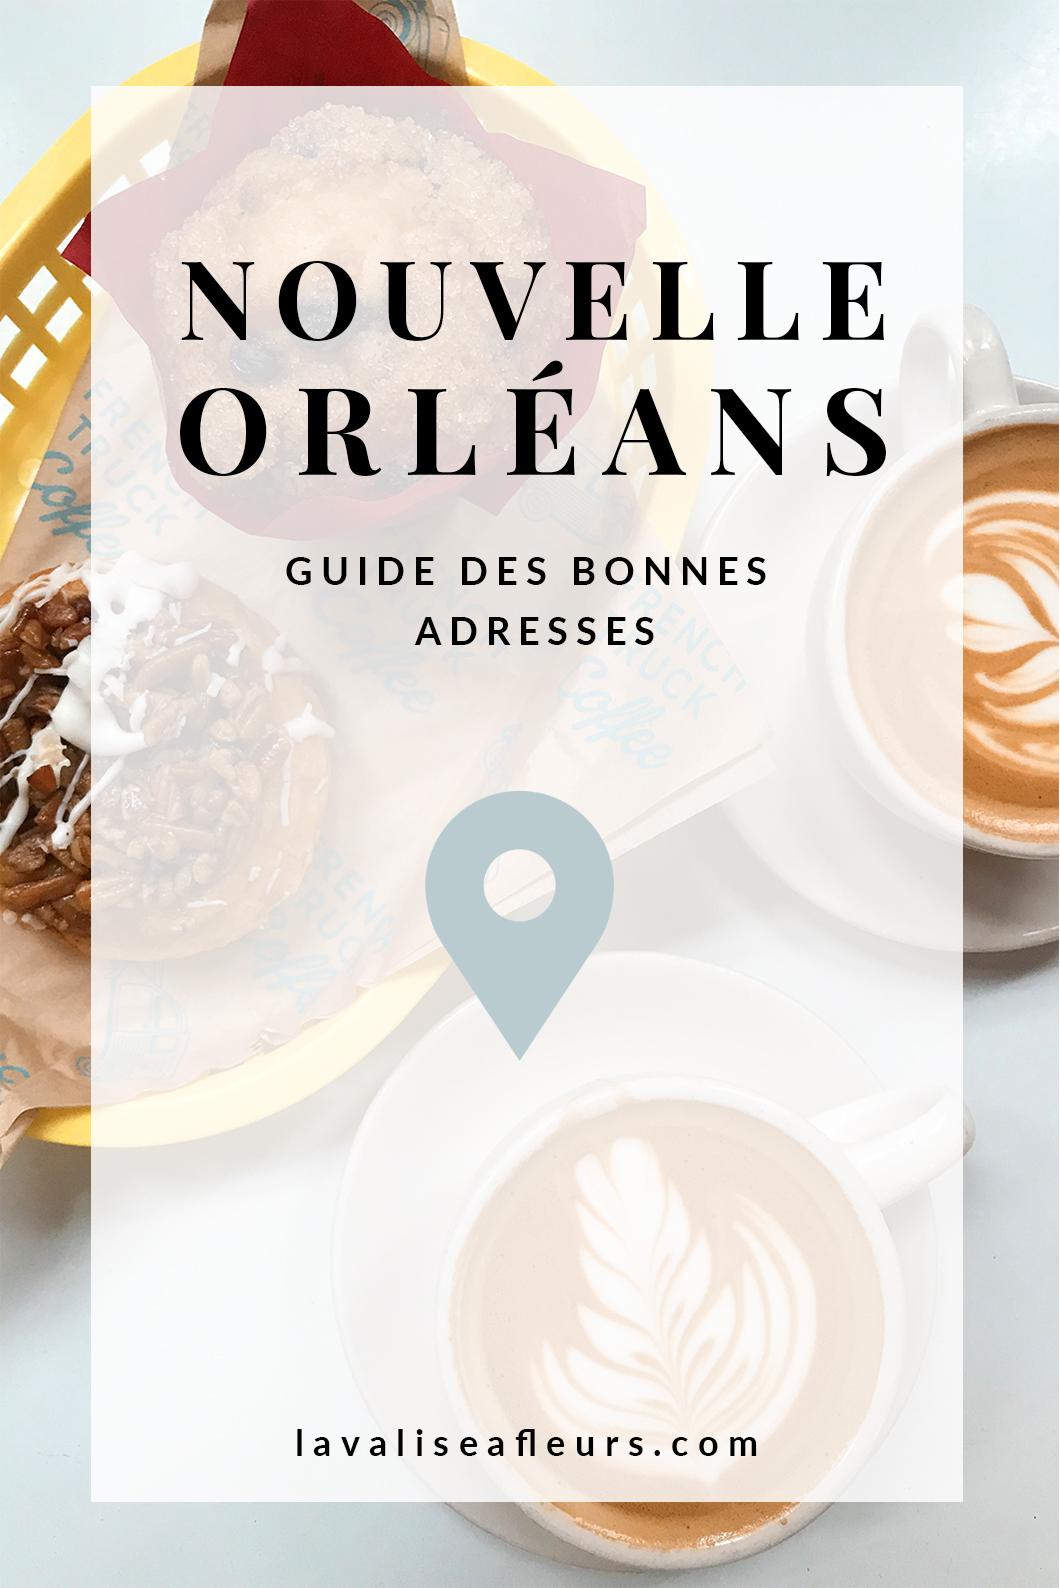 Guide des bonnes adresses à la Nouvelle Orléans